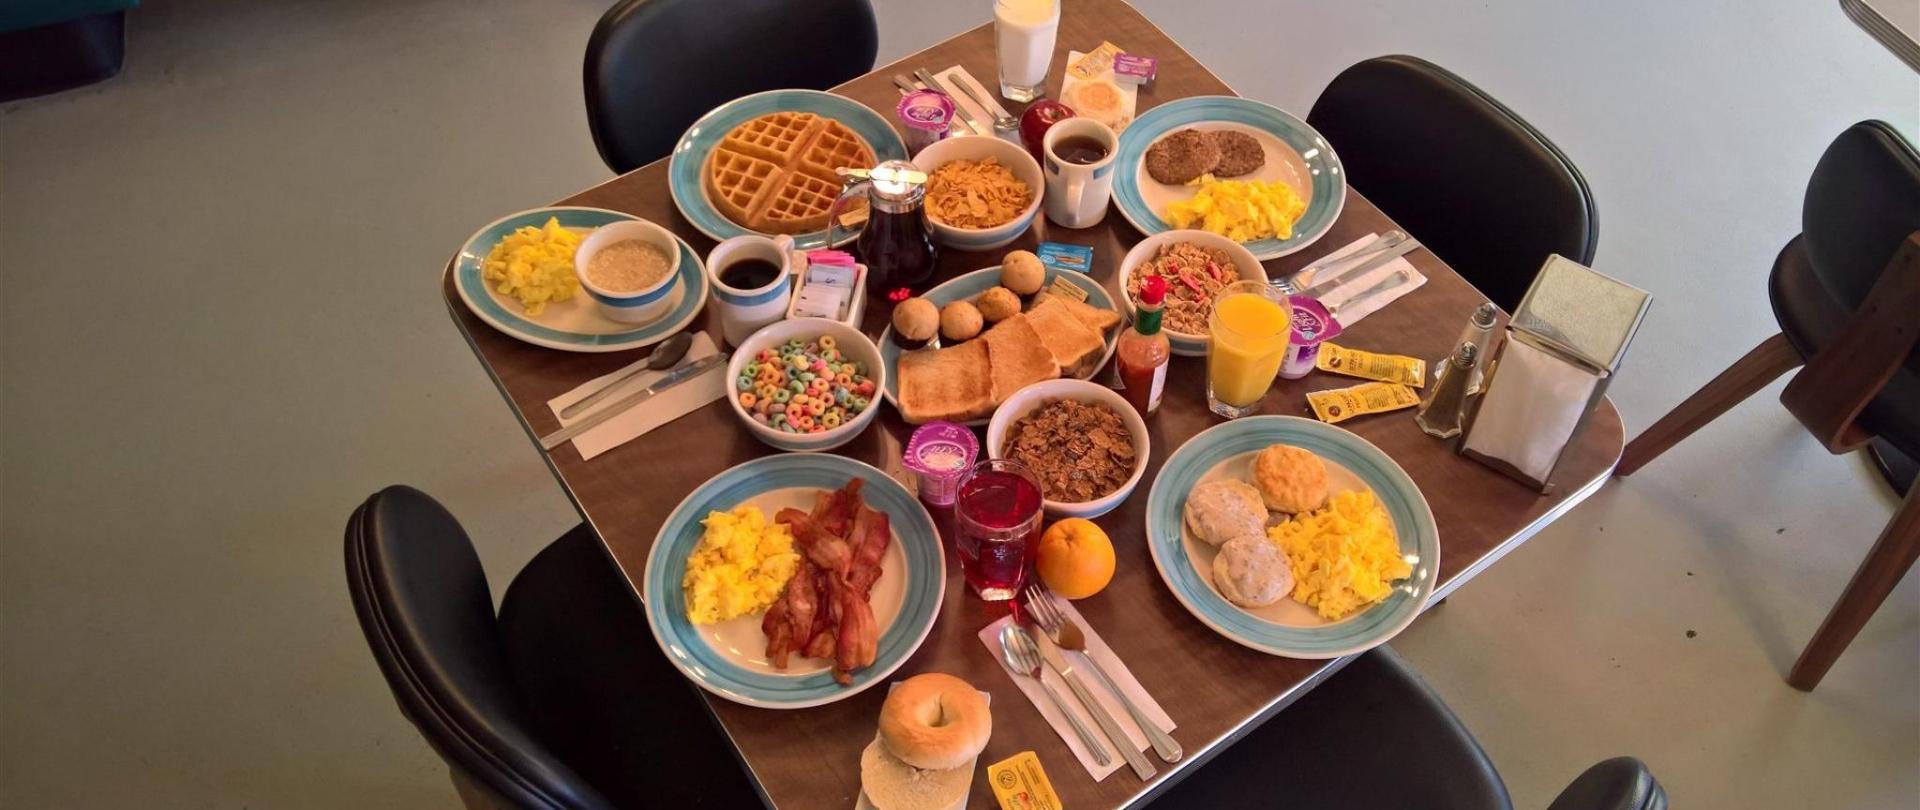 170613-papago-inn-hot-ontbijtbuffet-5.jpg